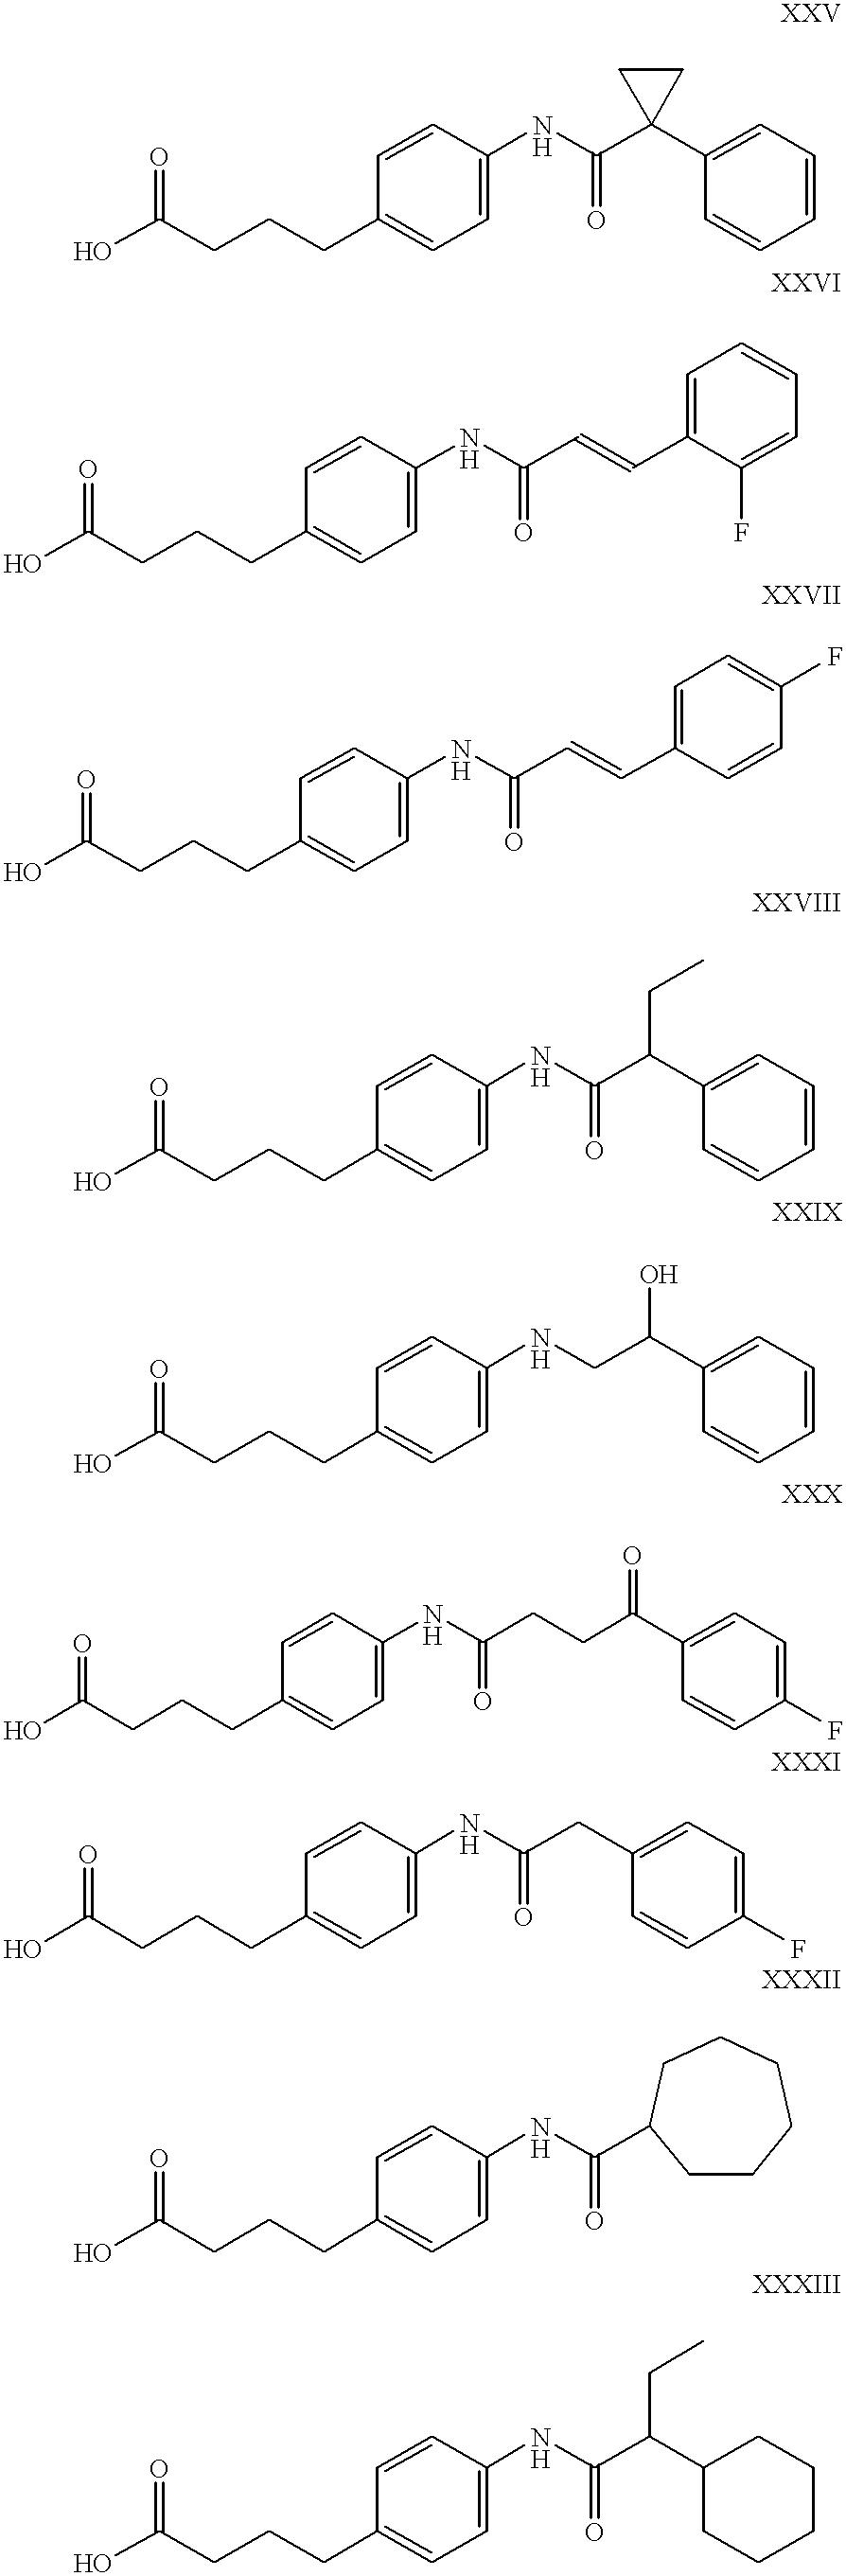 Figure US06221367-20010424-C00010